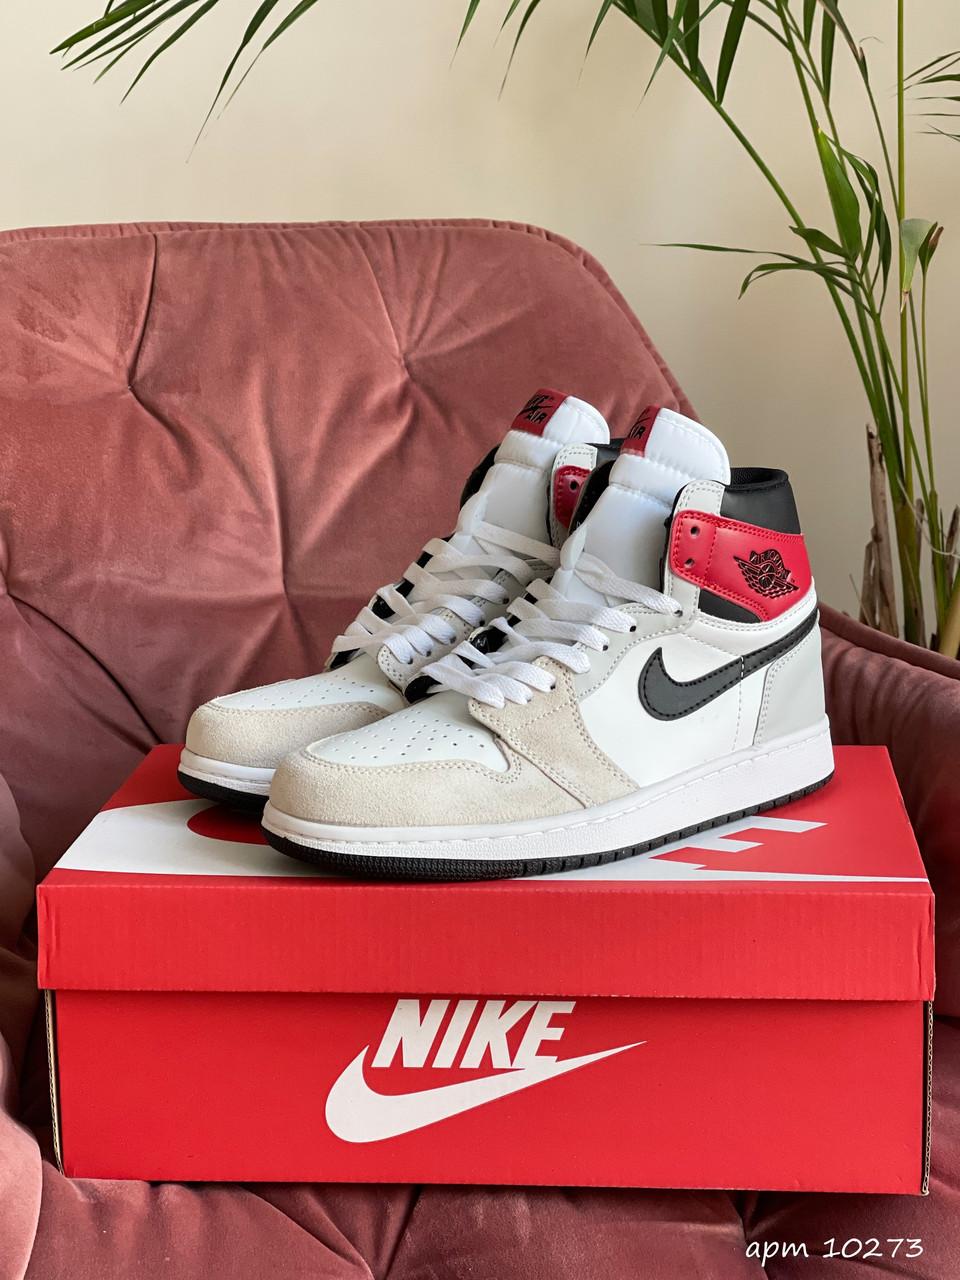 Баскетбольні кросівки Nike Air Jordan, бежеві / кросівки Найк аїр джордан (Топ репліка ААА+)